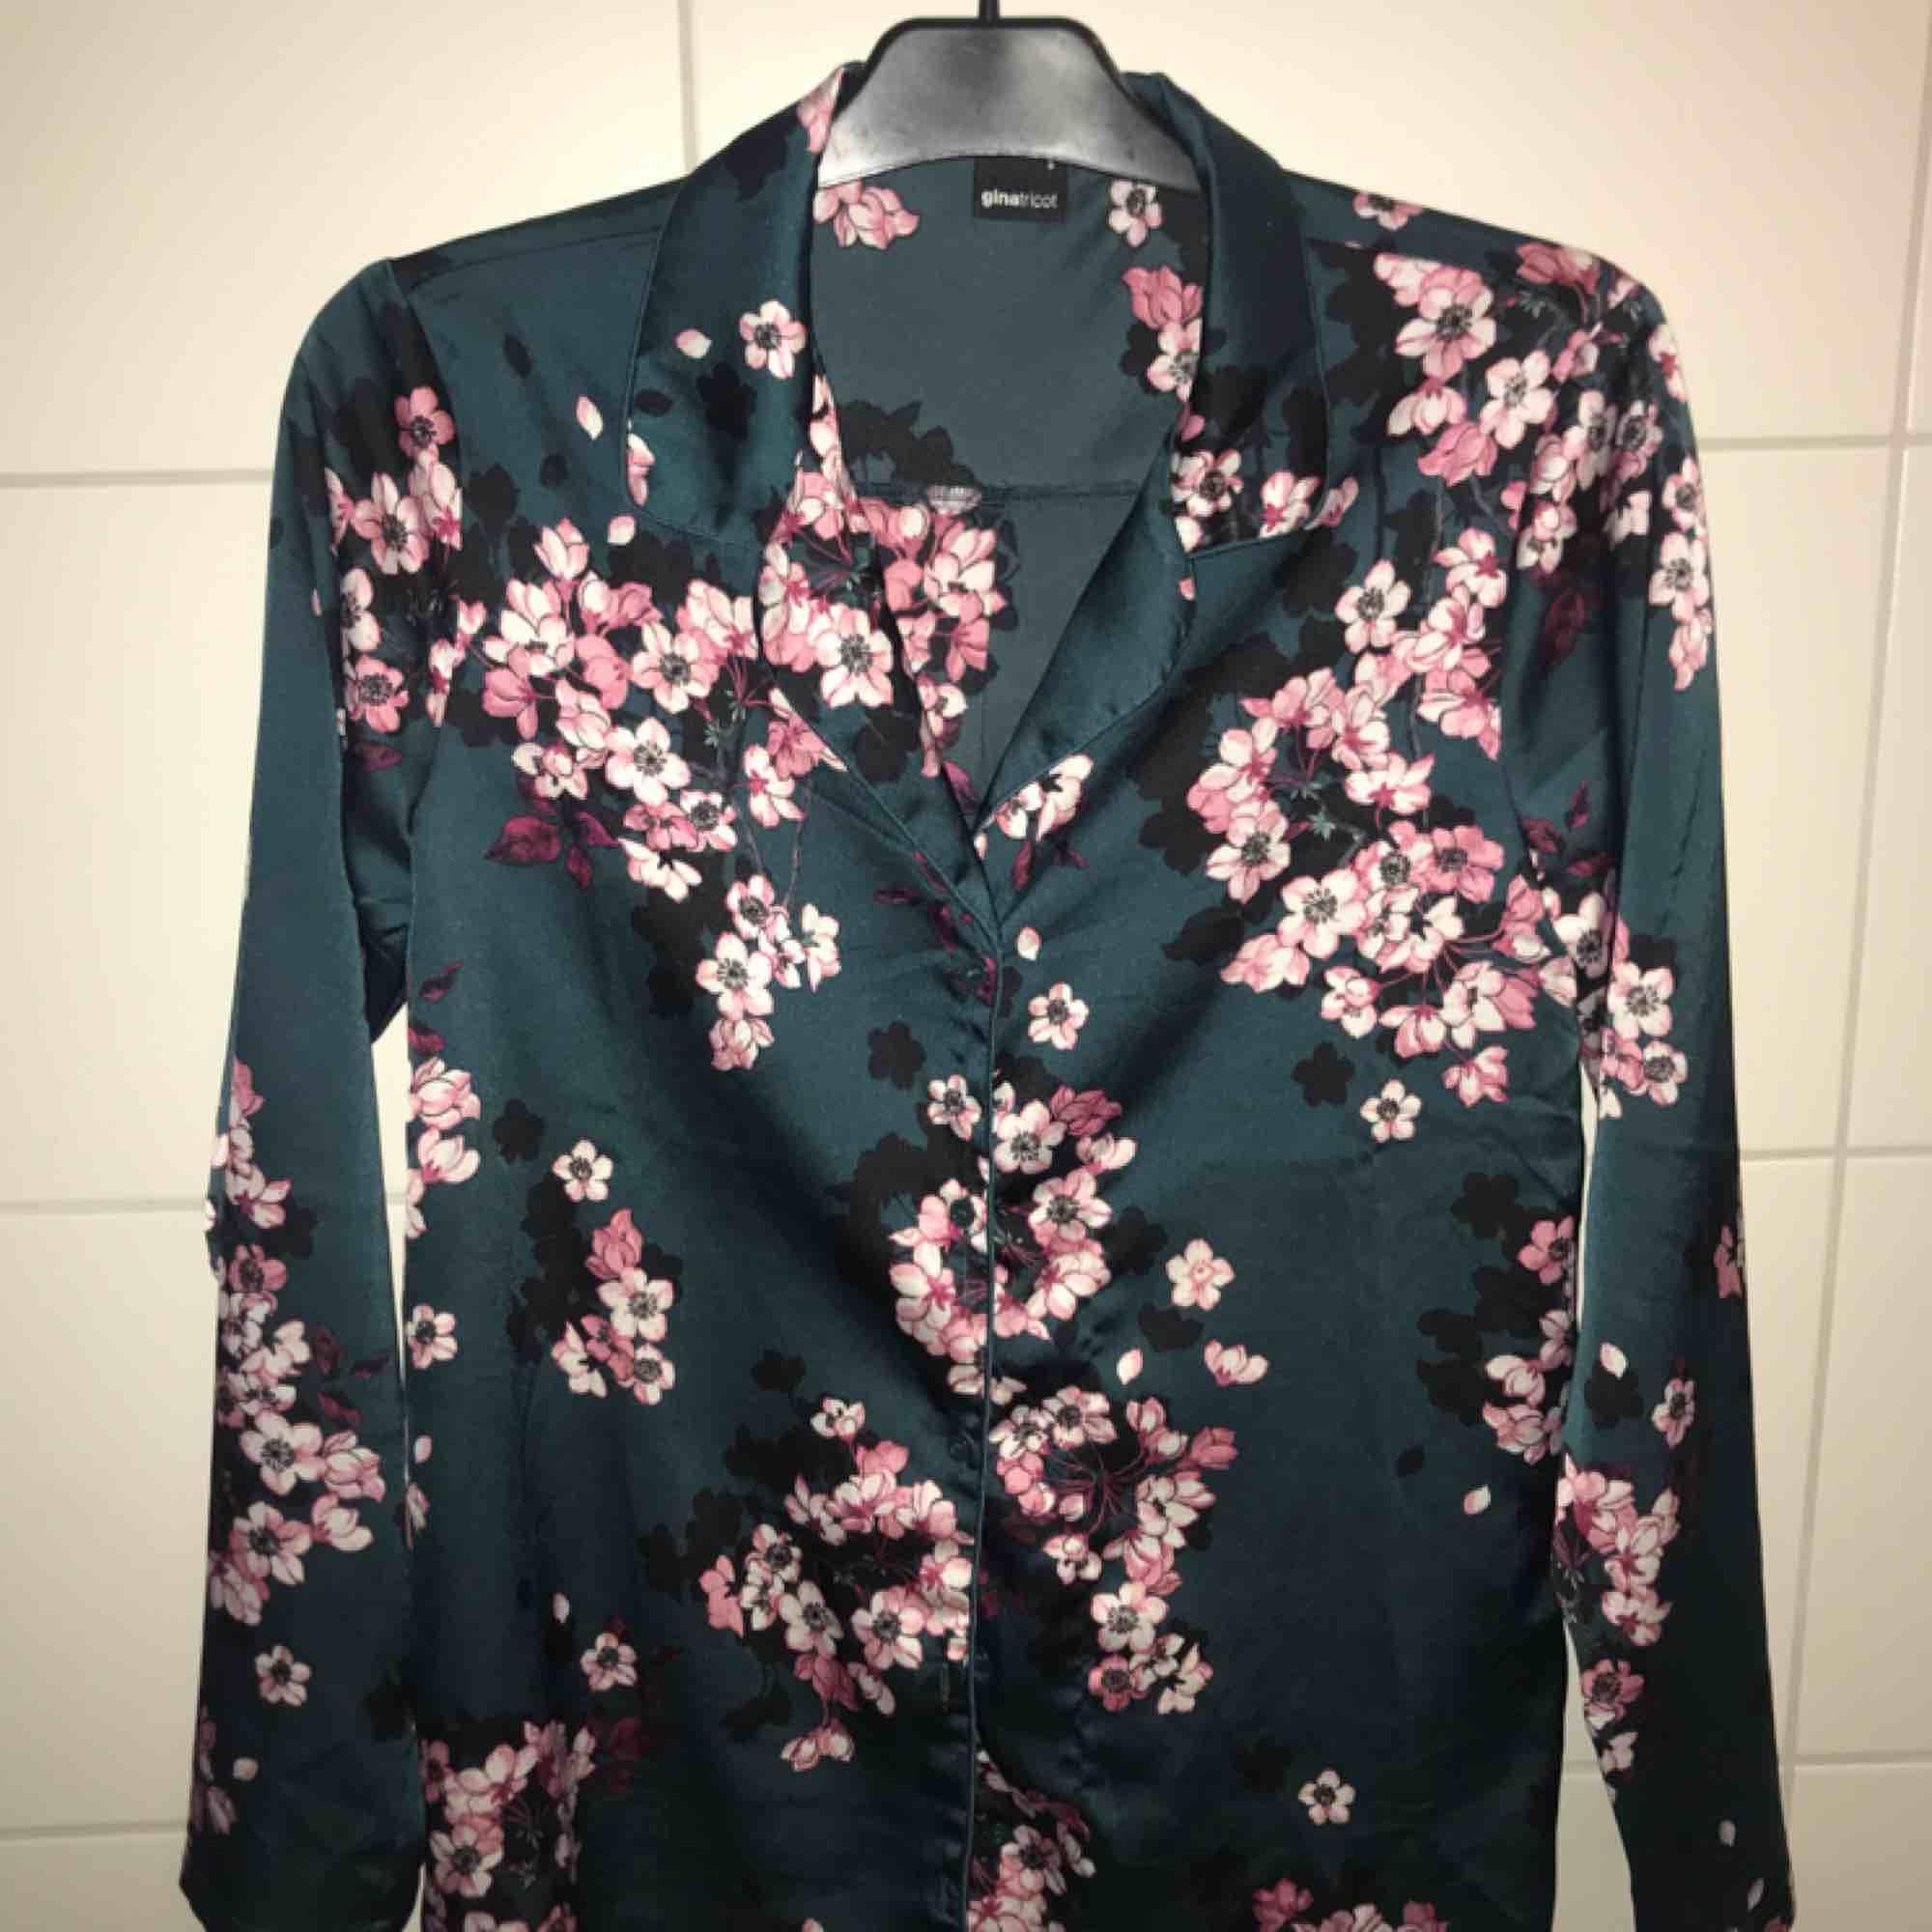 Jättefin blus från Gina Tricot. Blankt tyg. DM för info. Säljer pga kommer aldrig till användning.. Skjortor.